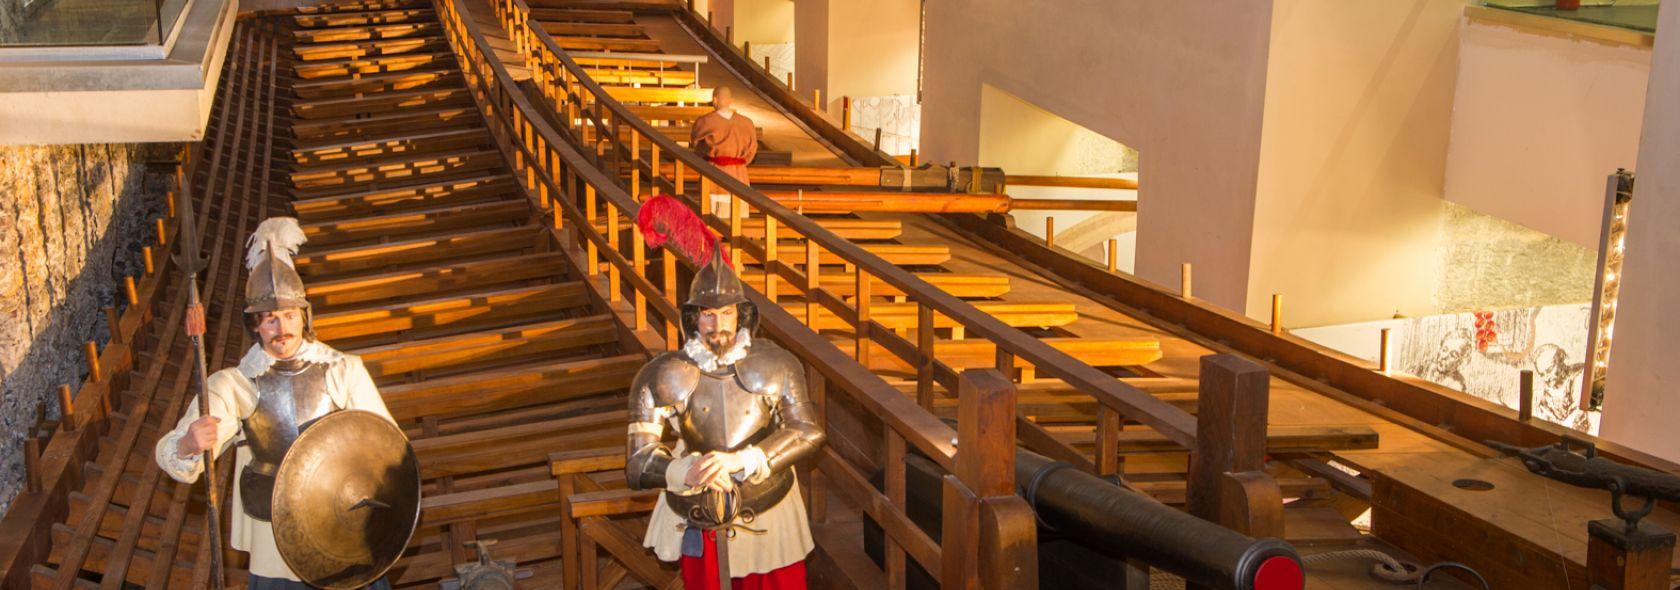 Galata Museo del Mare - Galea - ©Costa Edutainment PH merlofotografia